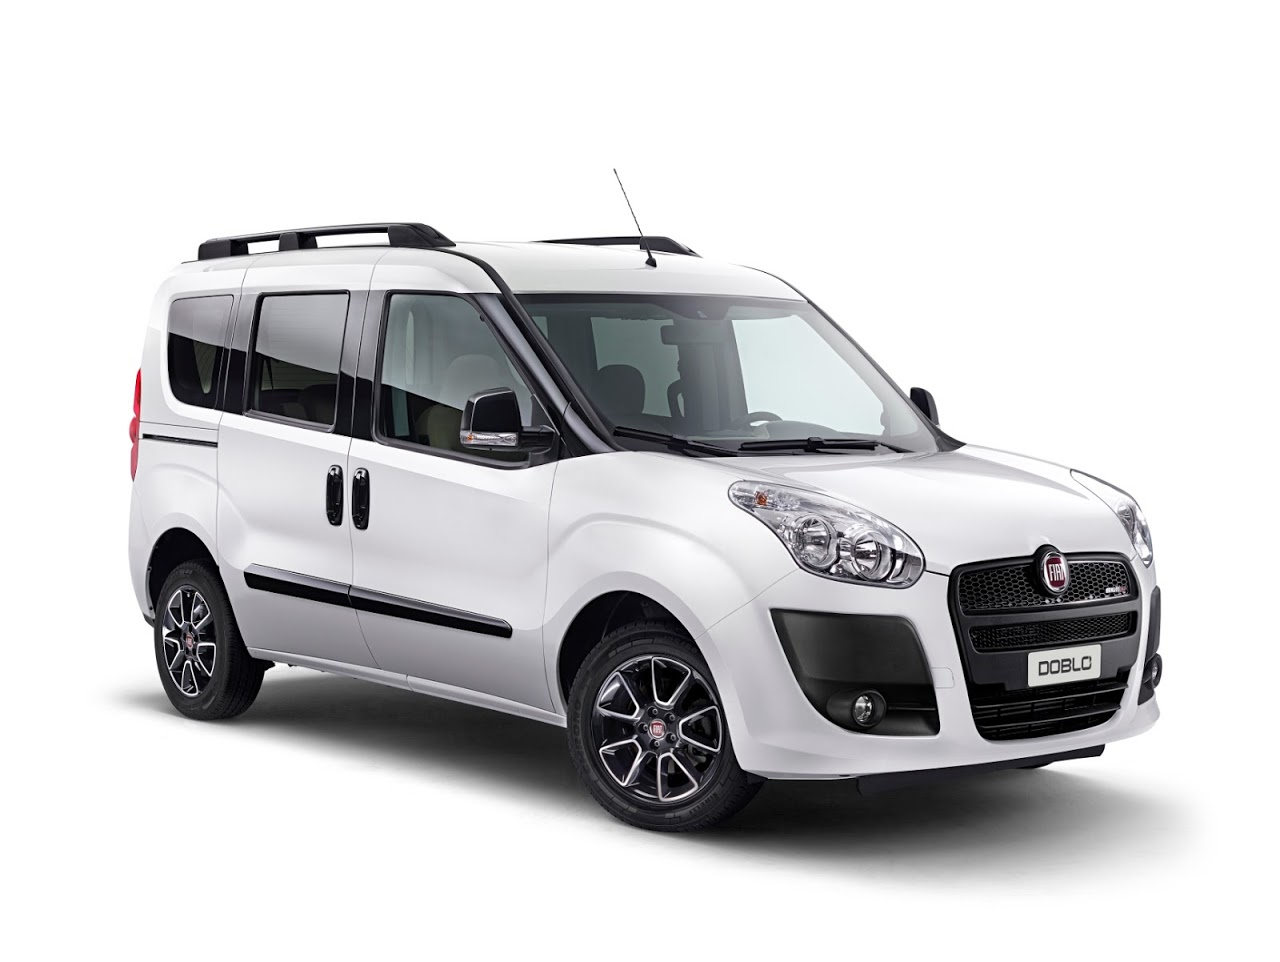 Yeni FiatDoblo 1.3 MJT.DieselManuel